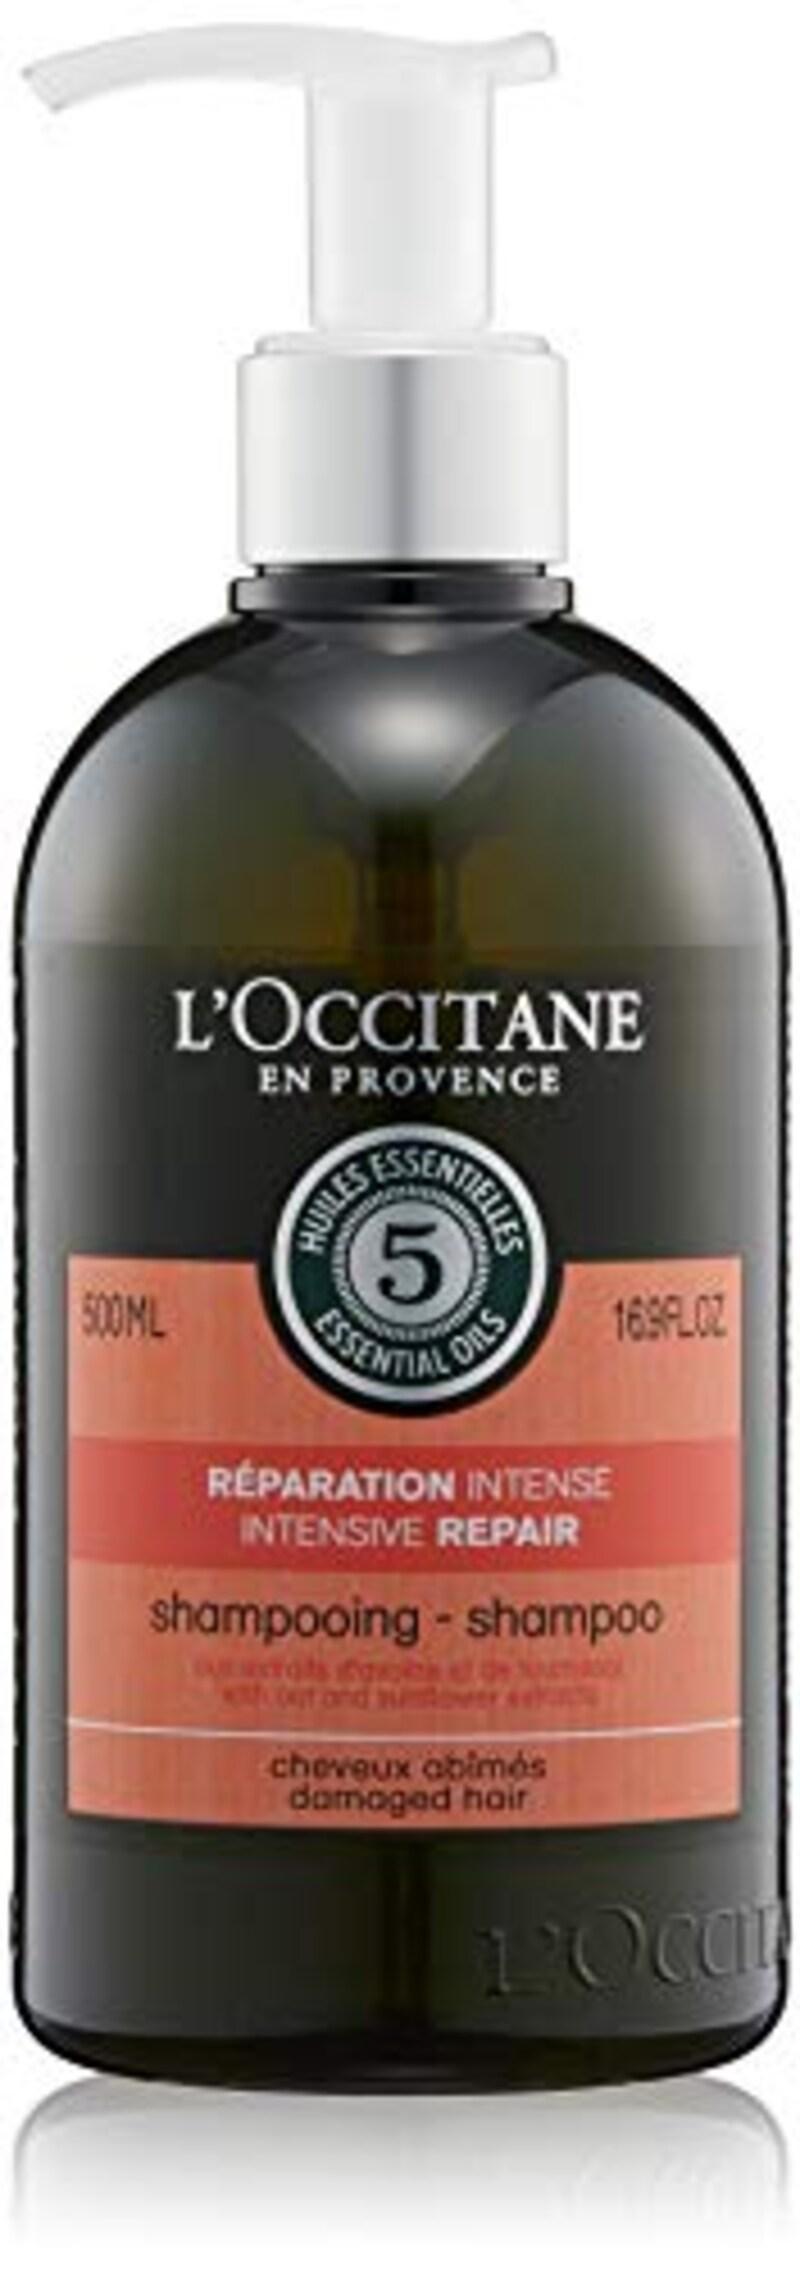 L'OCCITANE(ロクシタン),ファイブハーブス リペアリングシャンプー アロマティックハーブ ポンプ